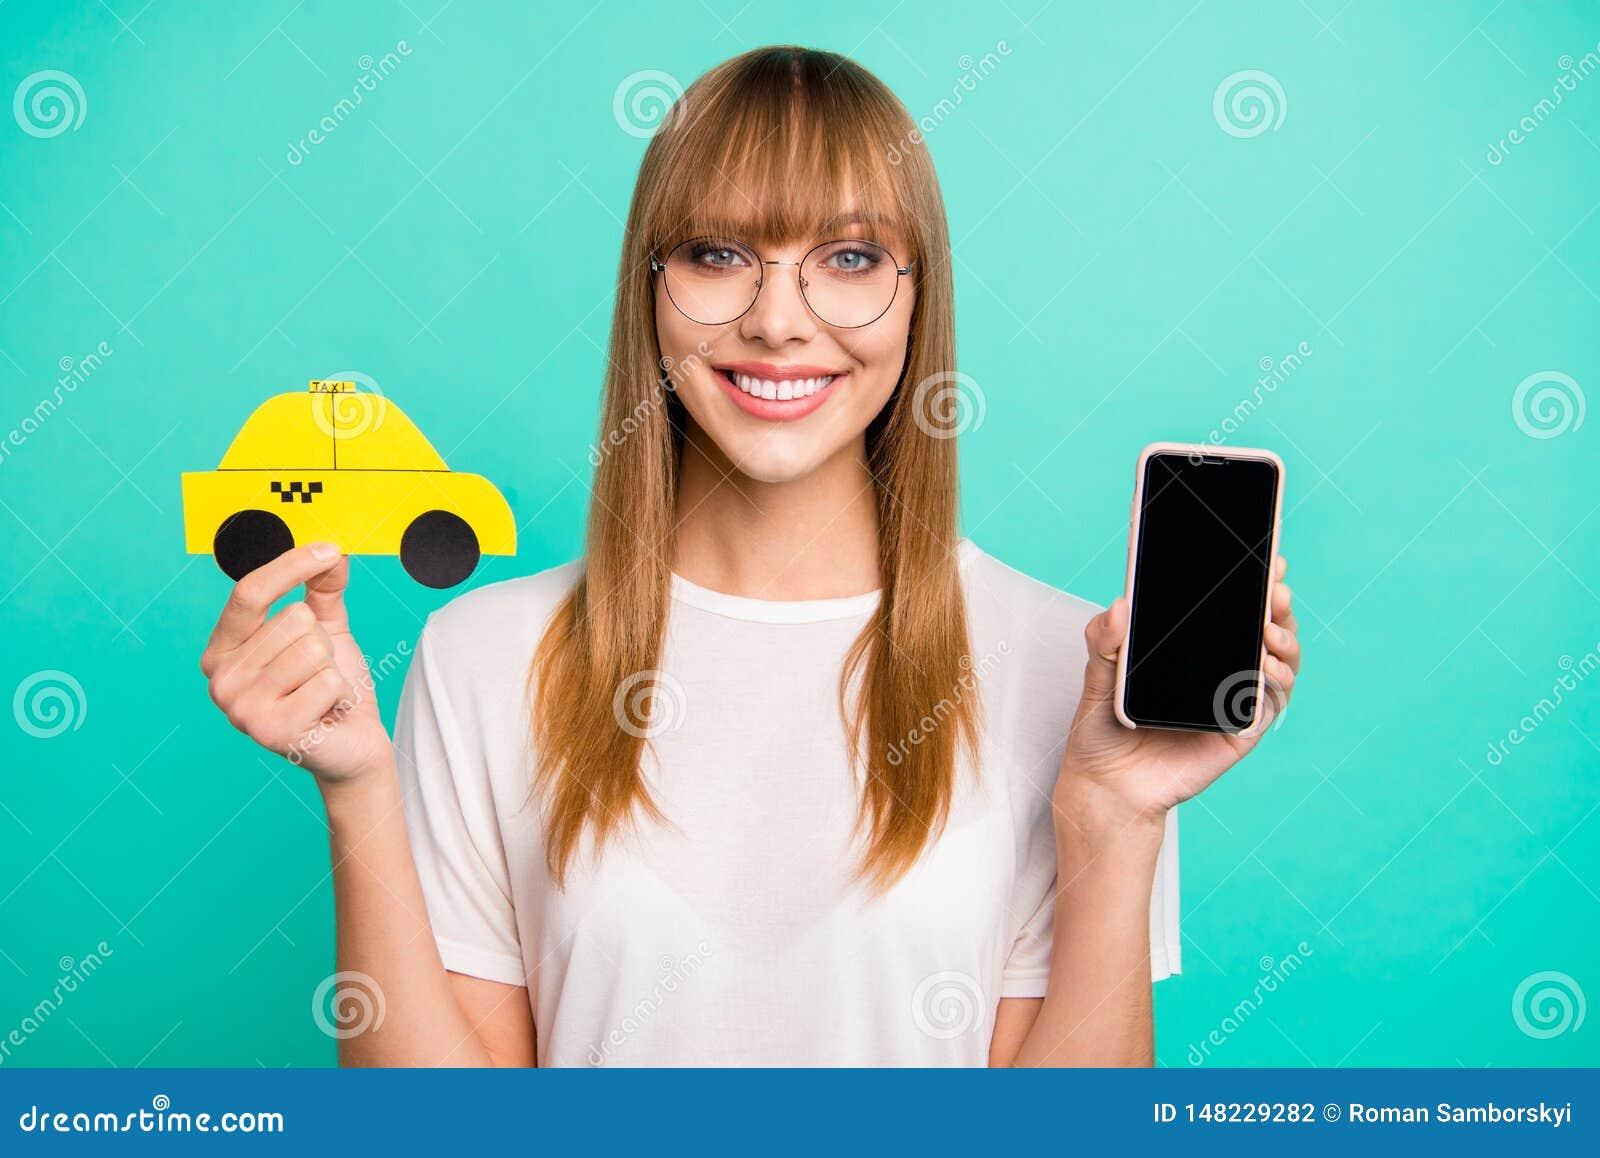 Feche acima a foto bonita ela seu carro do táxi do papel do telefone da posse do braço da senhora que recomenda o serviço rápido